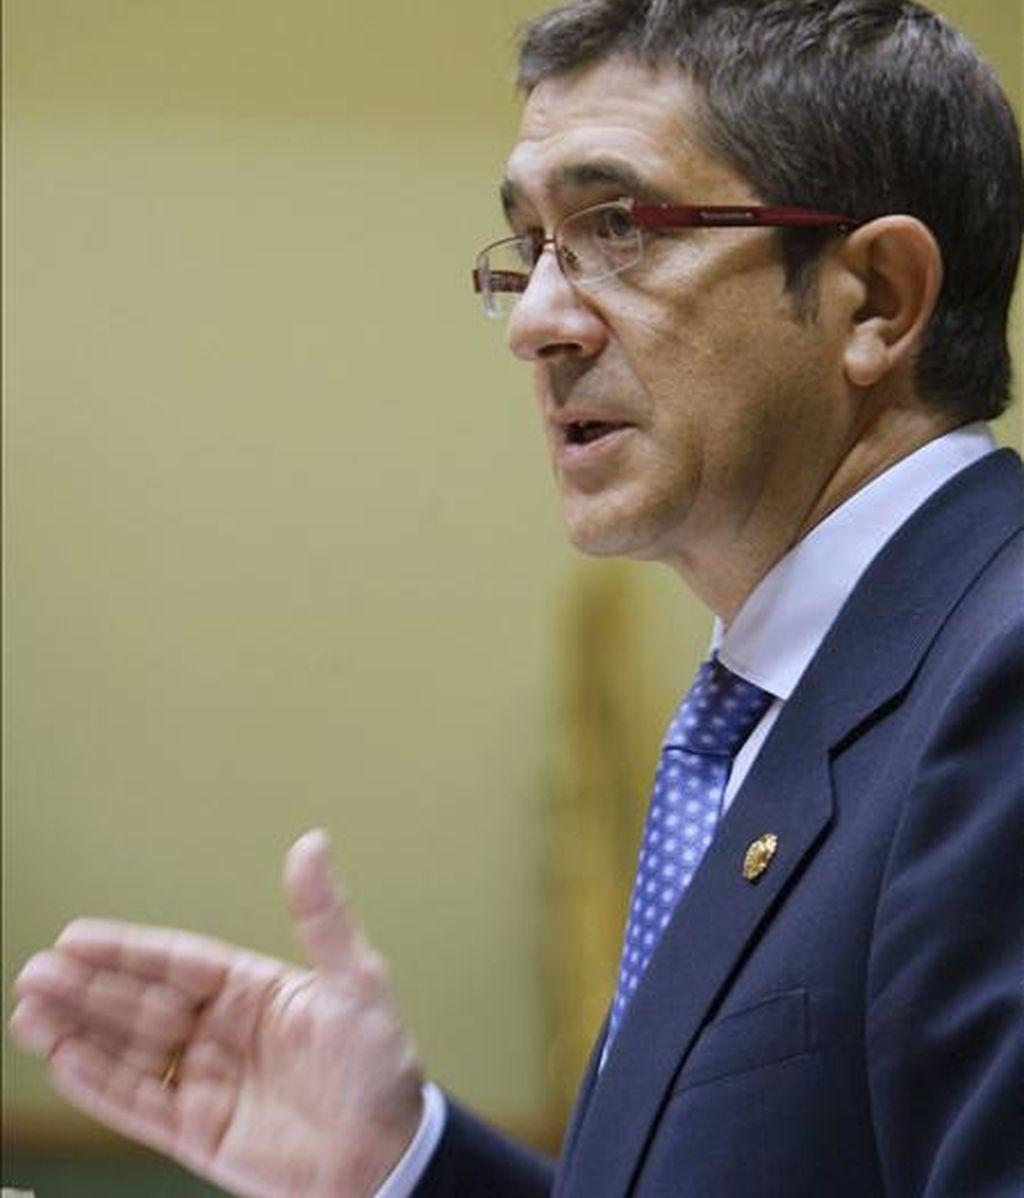 El lehendakari, Patxi López, durante su intervención en el pleno de política general en el Parlamento Vasco en Vitoria, que continuará con los grupos parlamentarios, por orden de menor a mayor representación parlamentaria. EFE